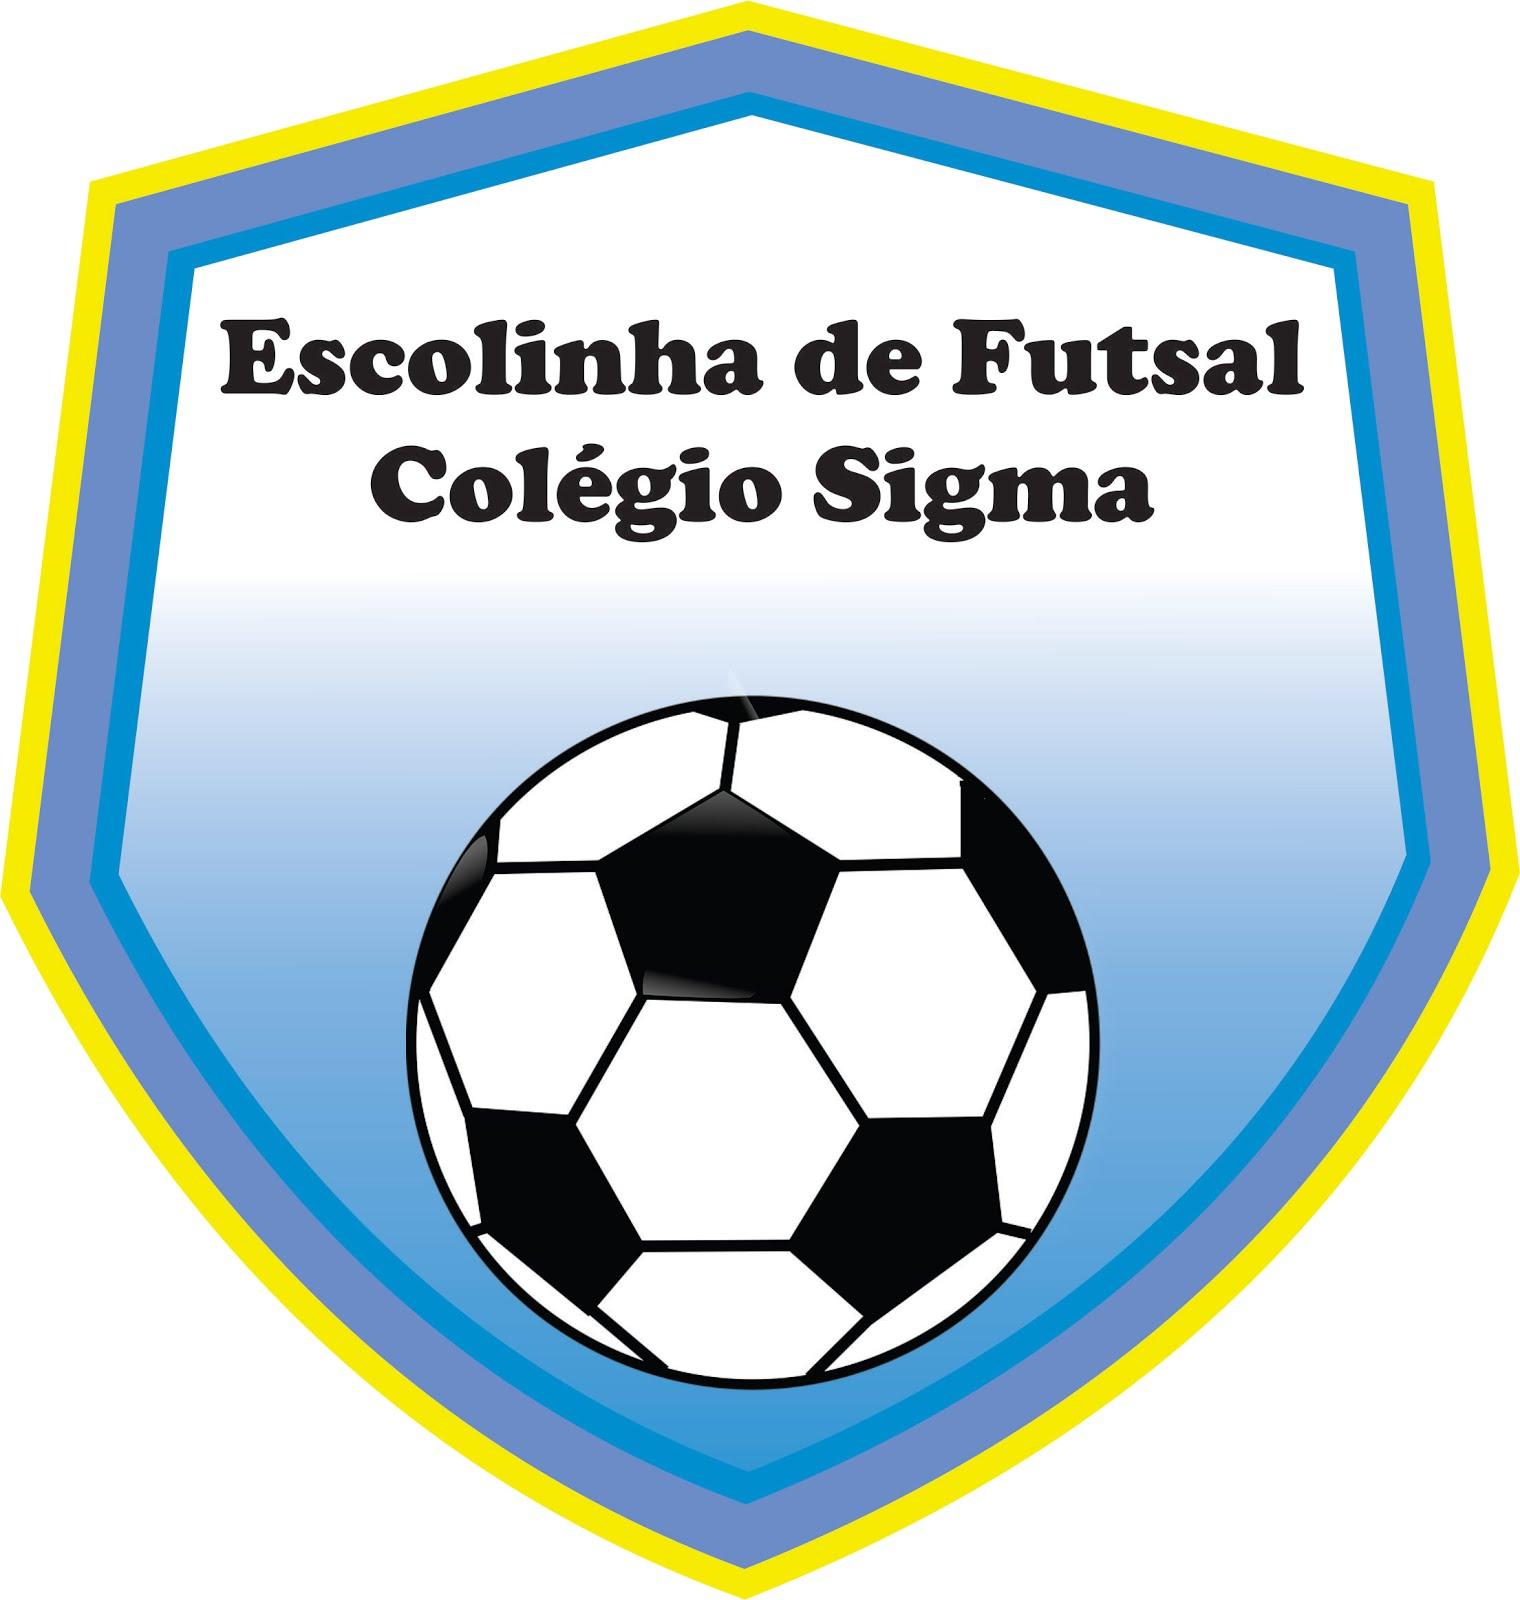 Escolinha de Futsal Sigma